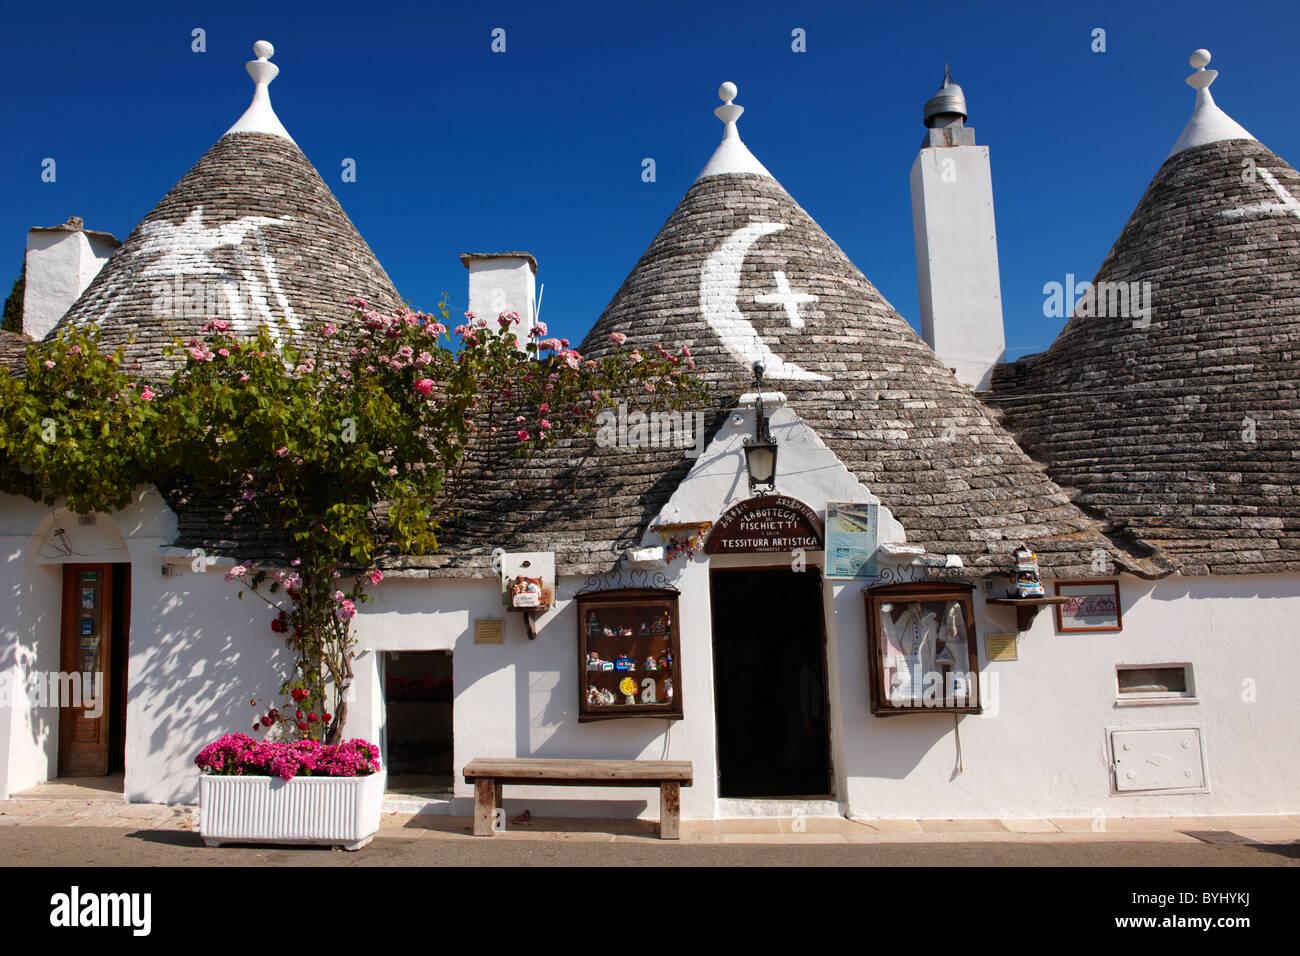 Trulli casas del Rione Monti Área de Alberobello, Puglia, Italia. Imagen De Stock